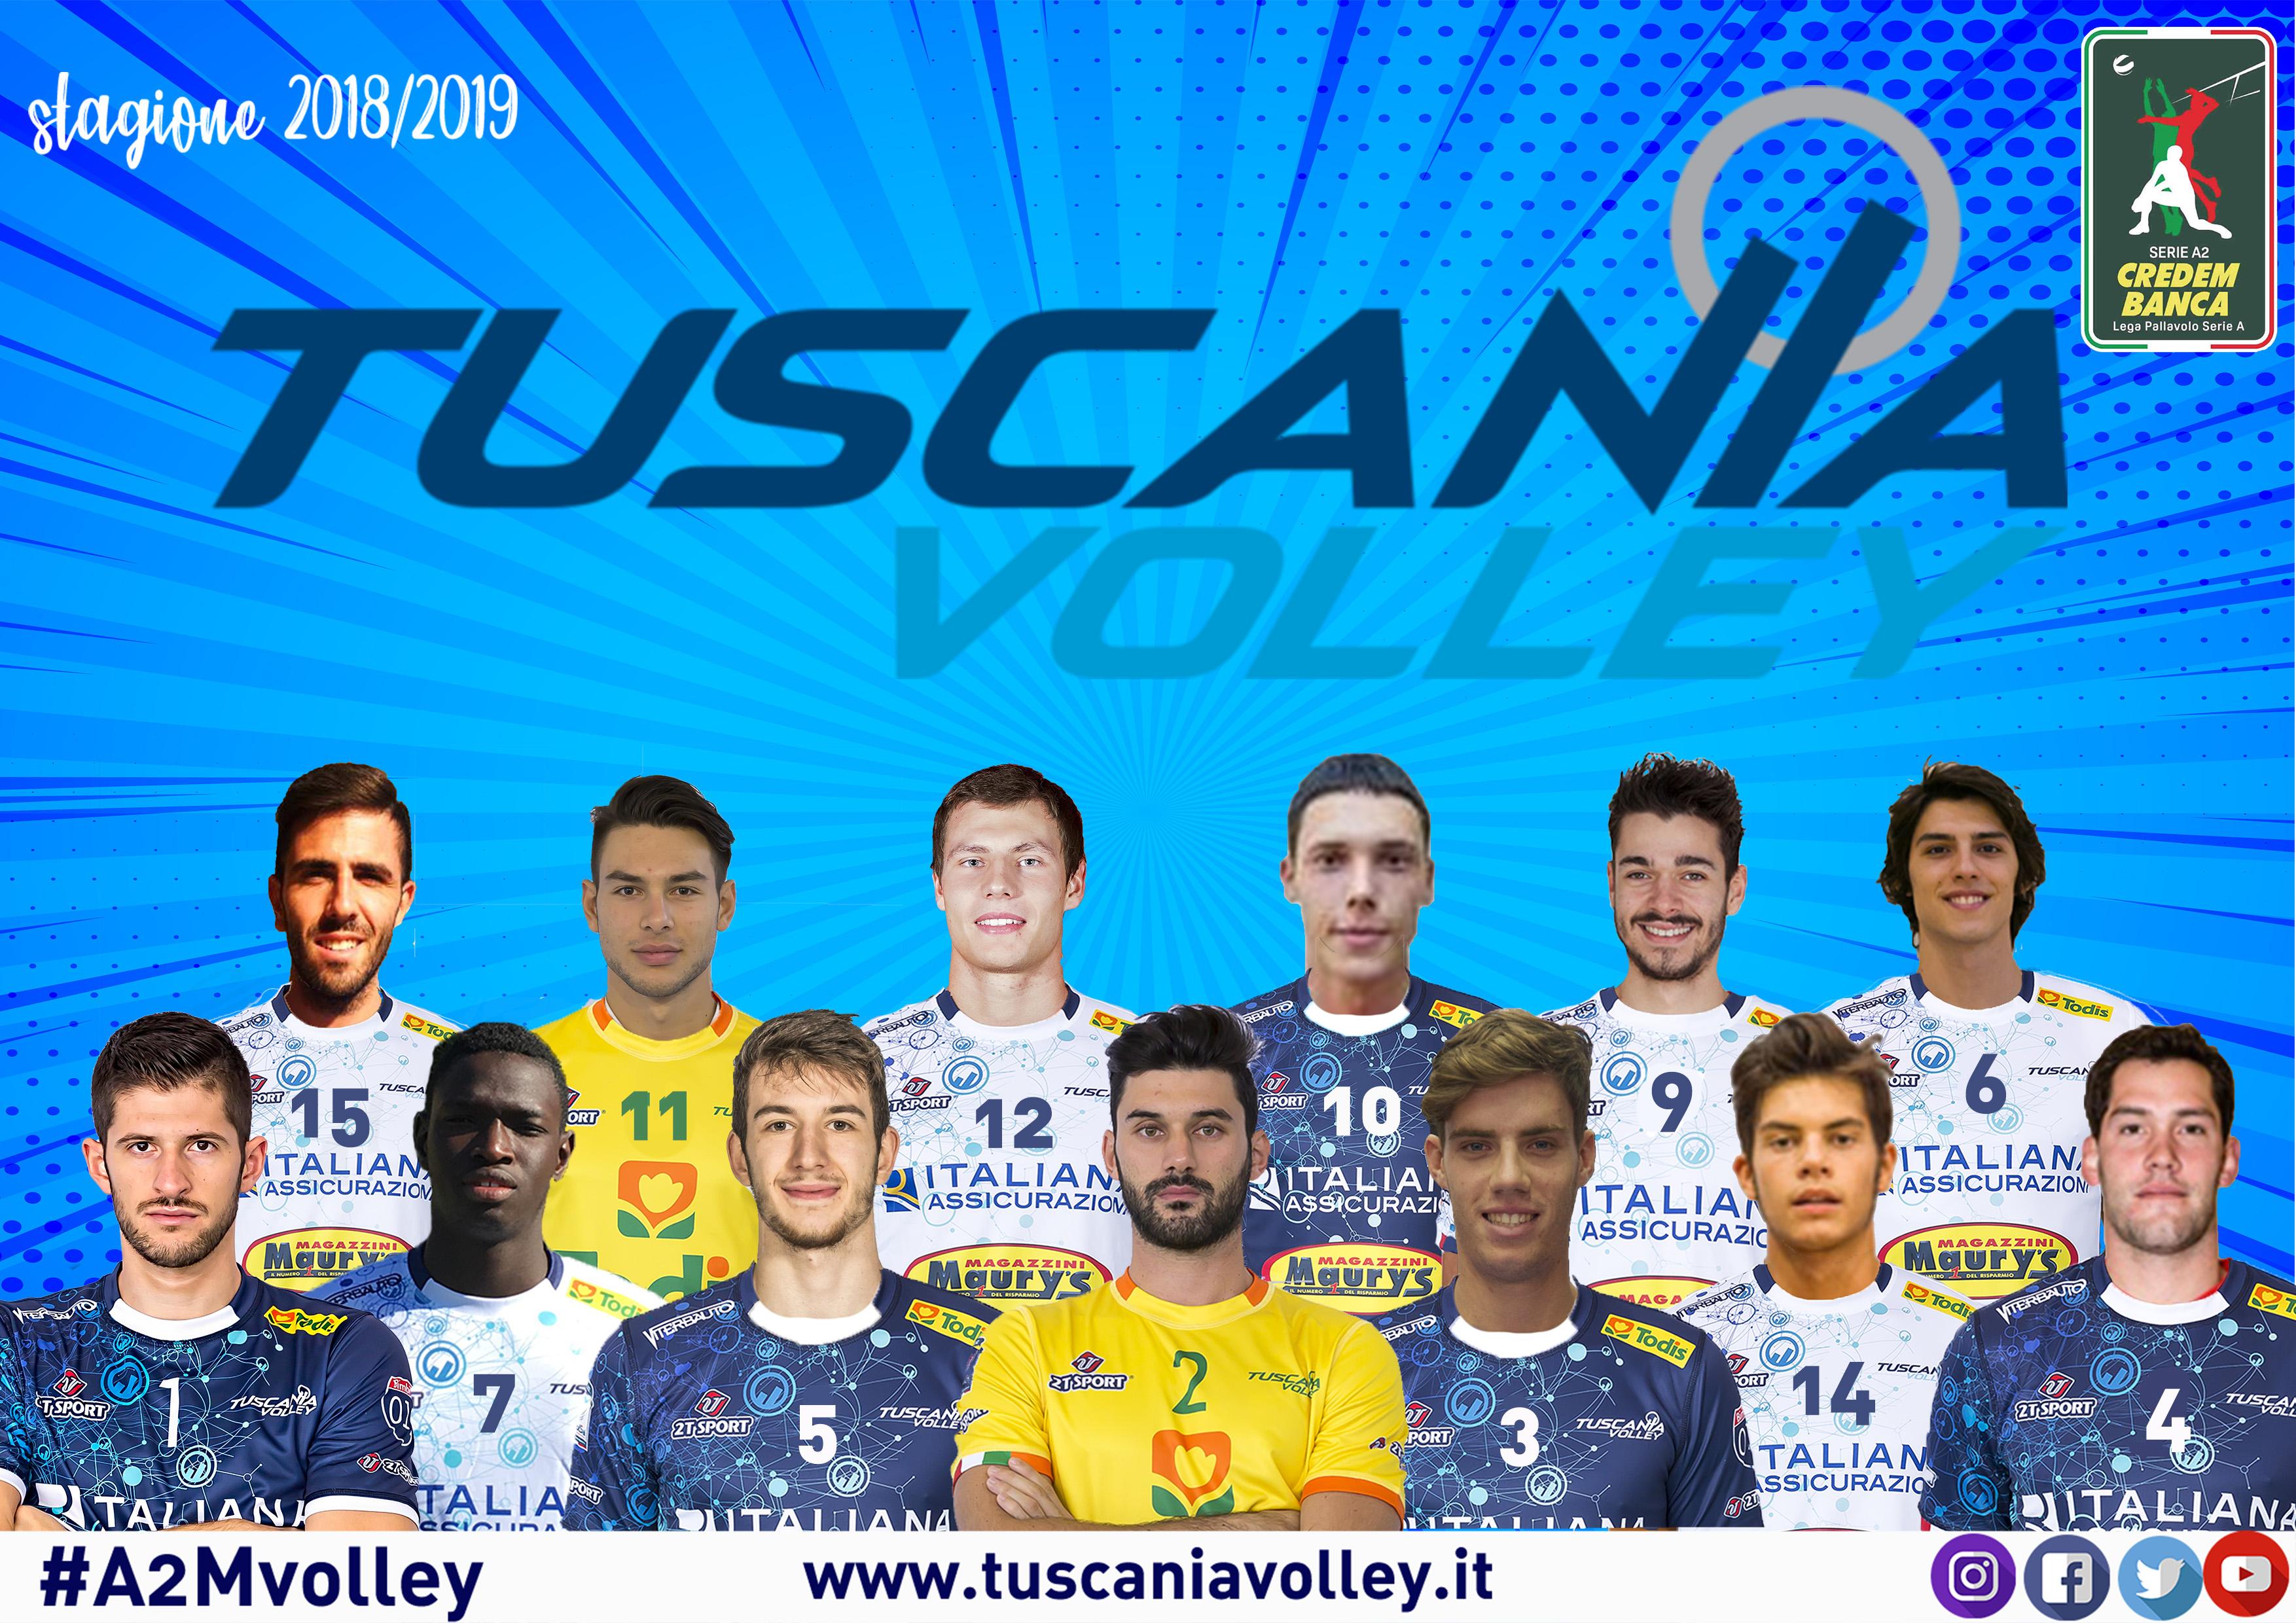 Tuscania Volley 18/19, svelati i numeri di maglia